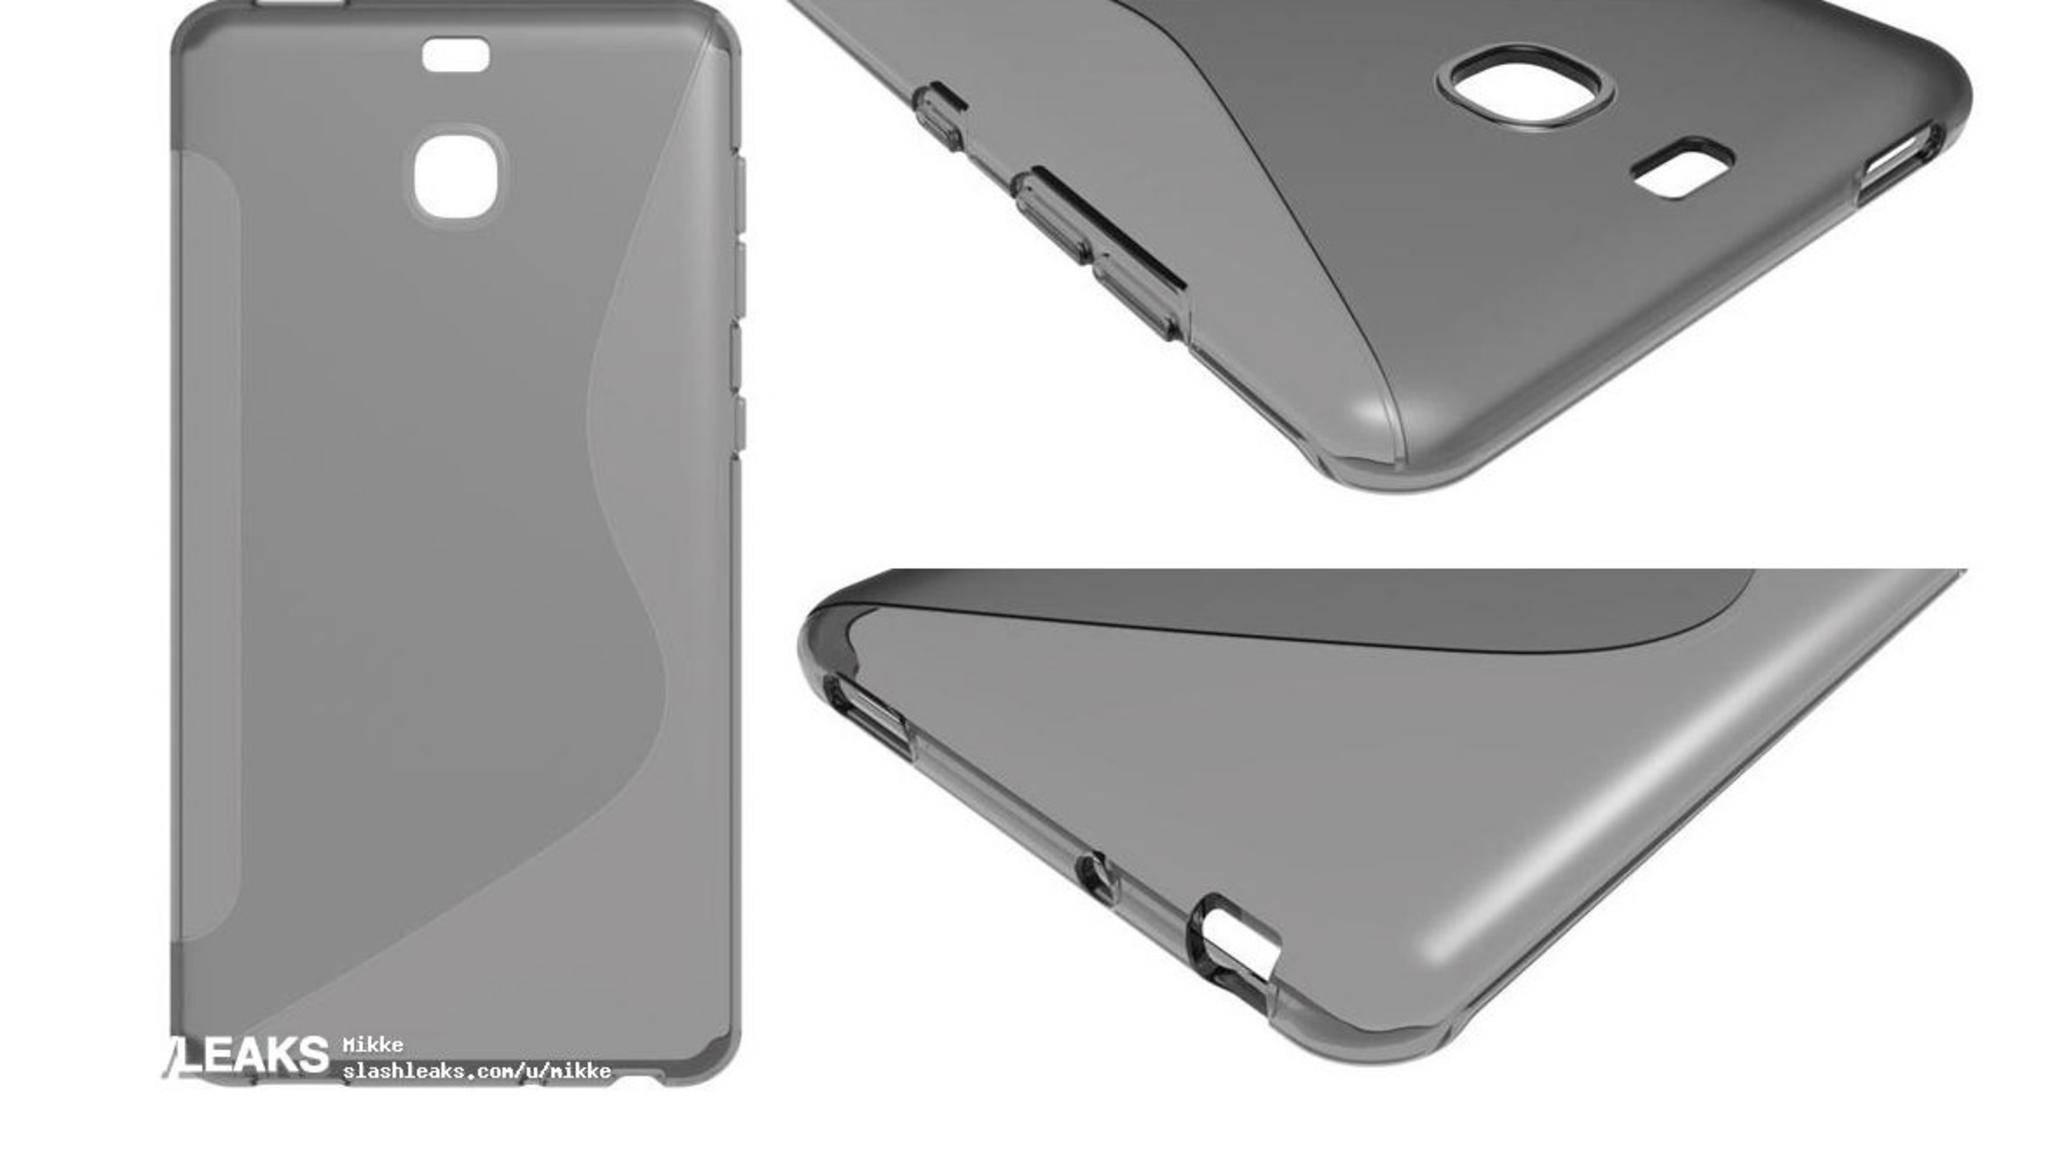 Normale Kamera, Klinkenanschluss, USB Typ C: Diese Dinge soll das Galaxy S8 dem Case zufolge haben.